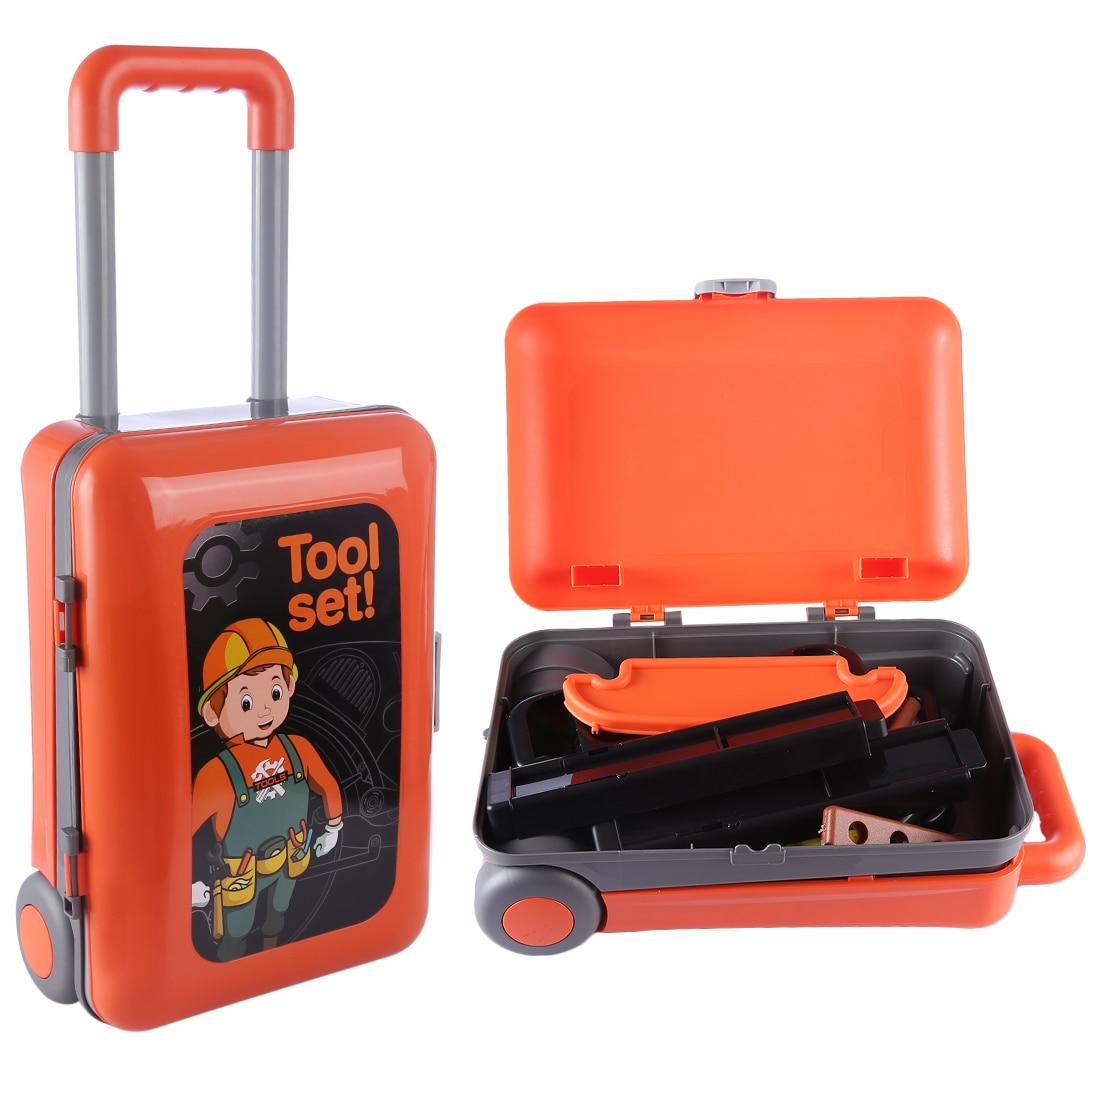 Conjunto de herramientas para niños, herramientas de simulación de ingeniero, caja de herramientas para niños, regalo para niños, herramientas para niños, juguetes de reparación de simulación para niños